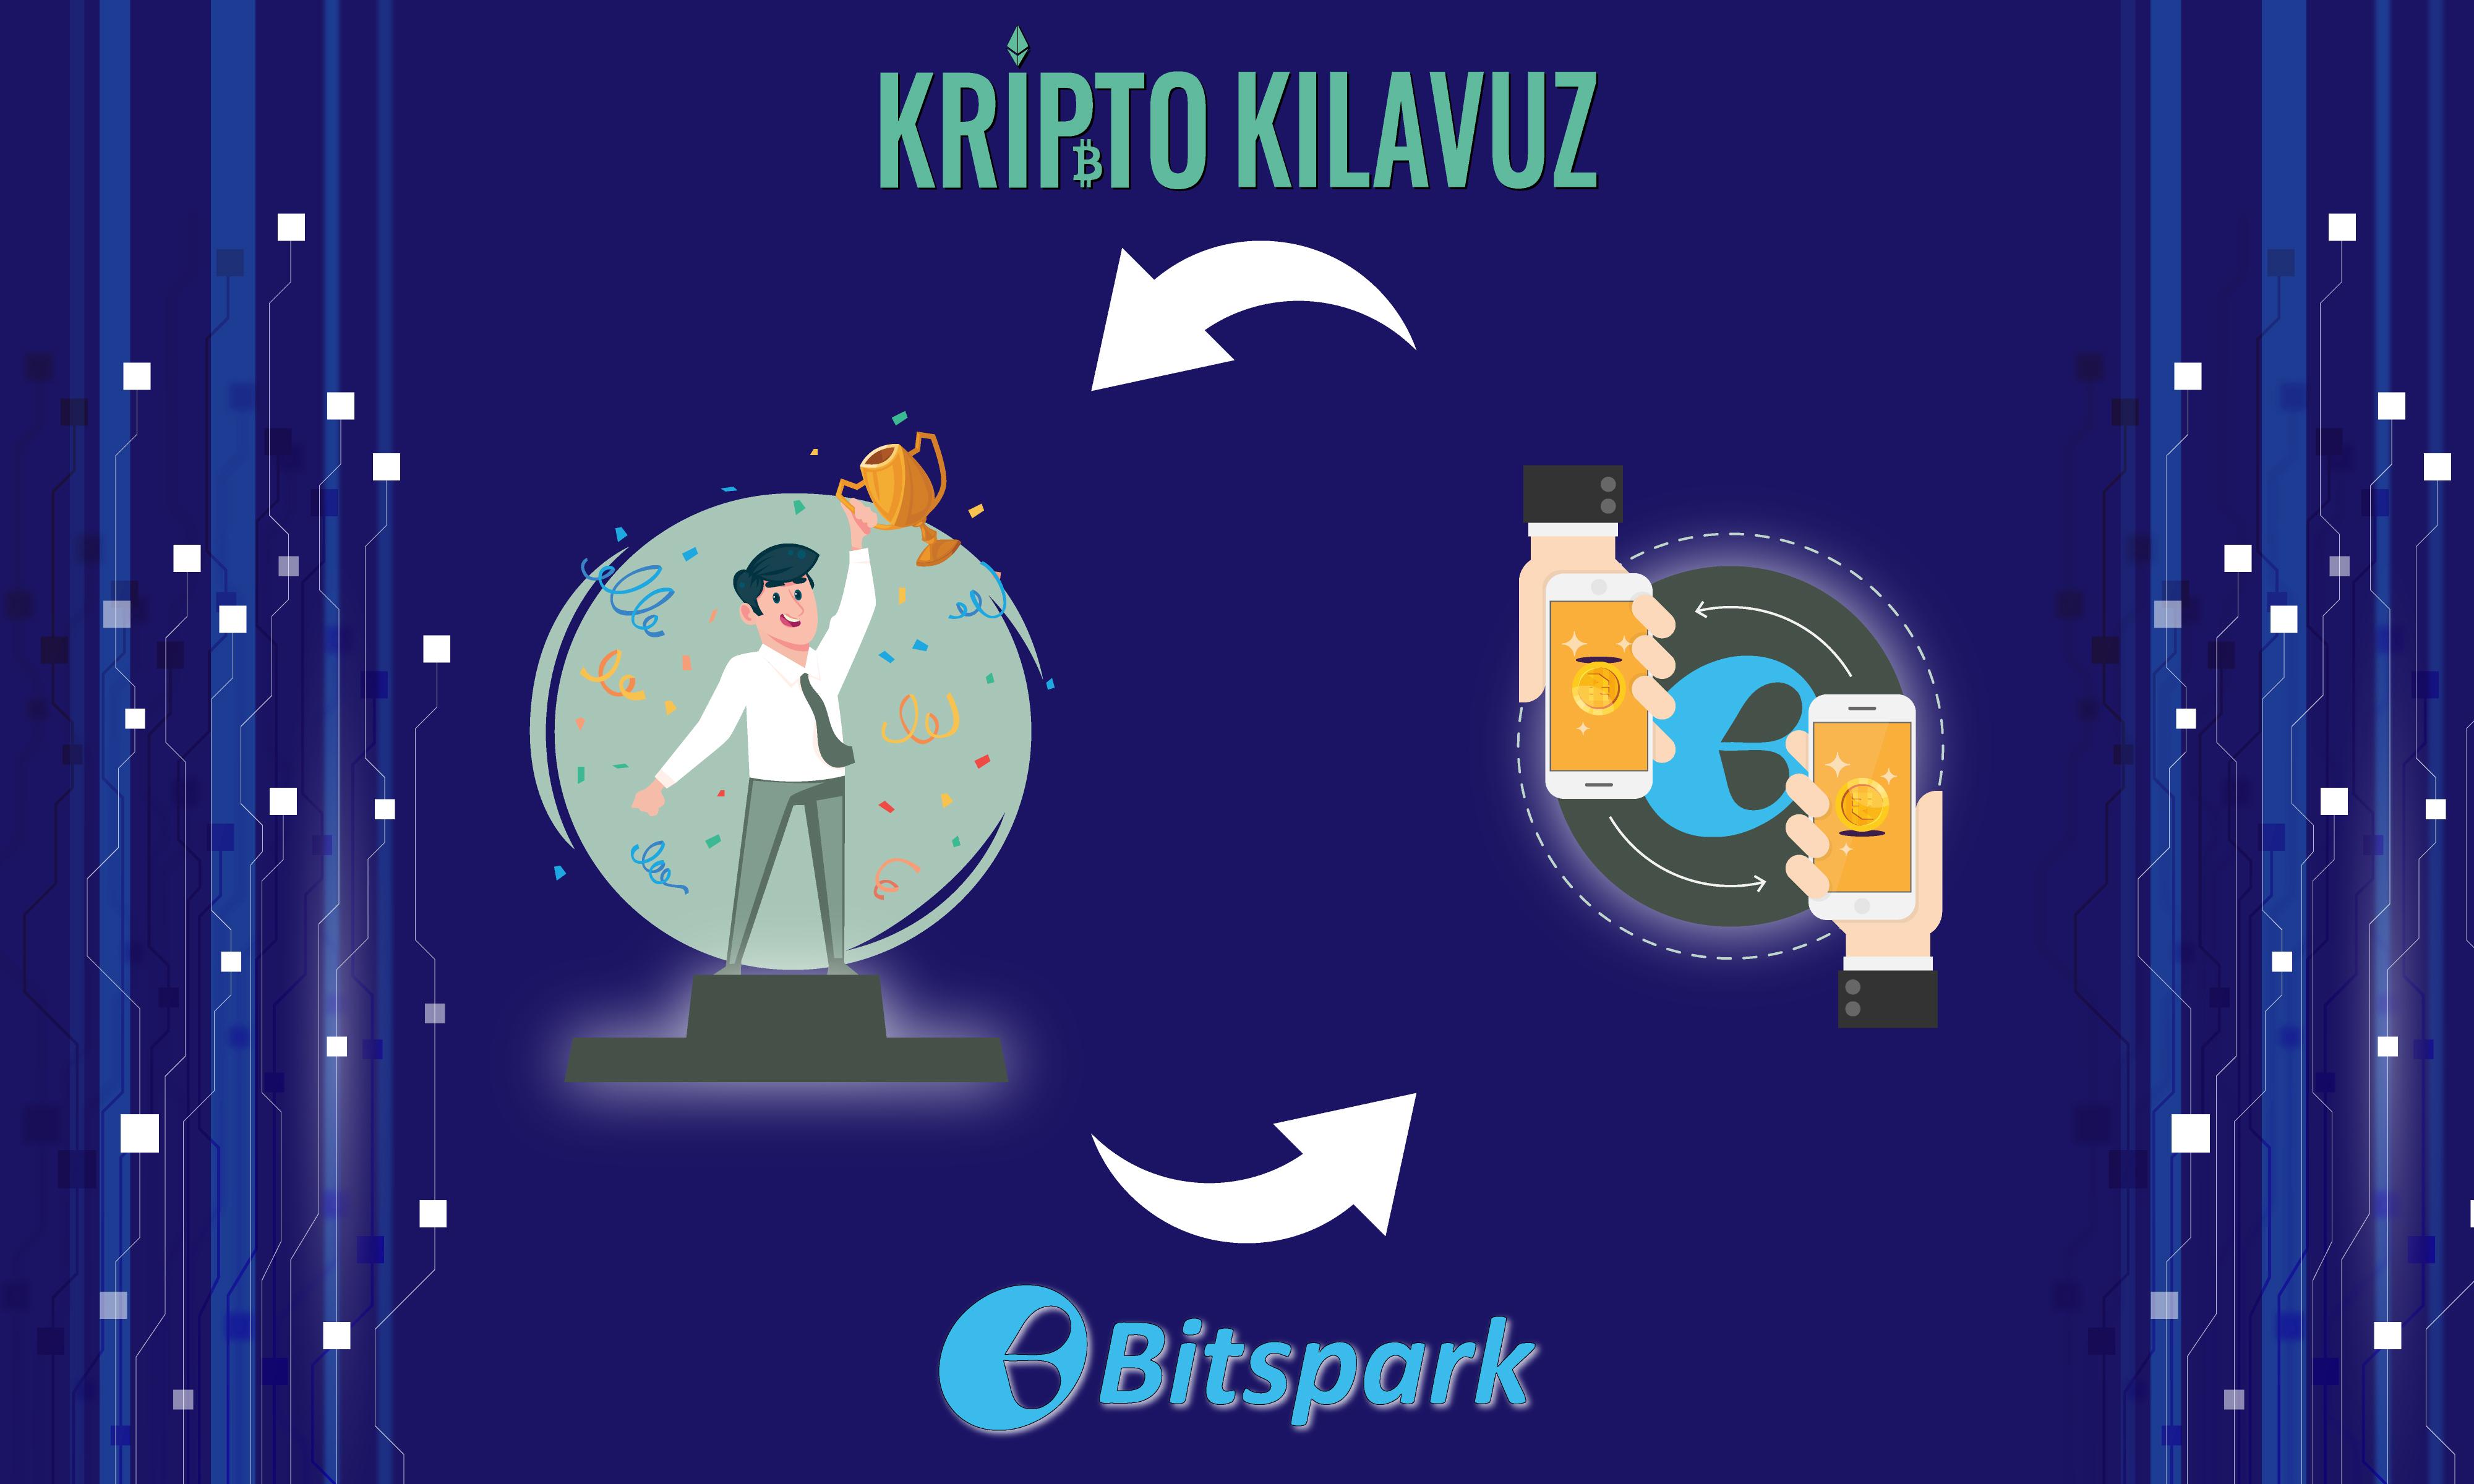 Transfer Şirketi Bitspark Kripto Para Transferlerinde Ödül Verecek!